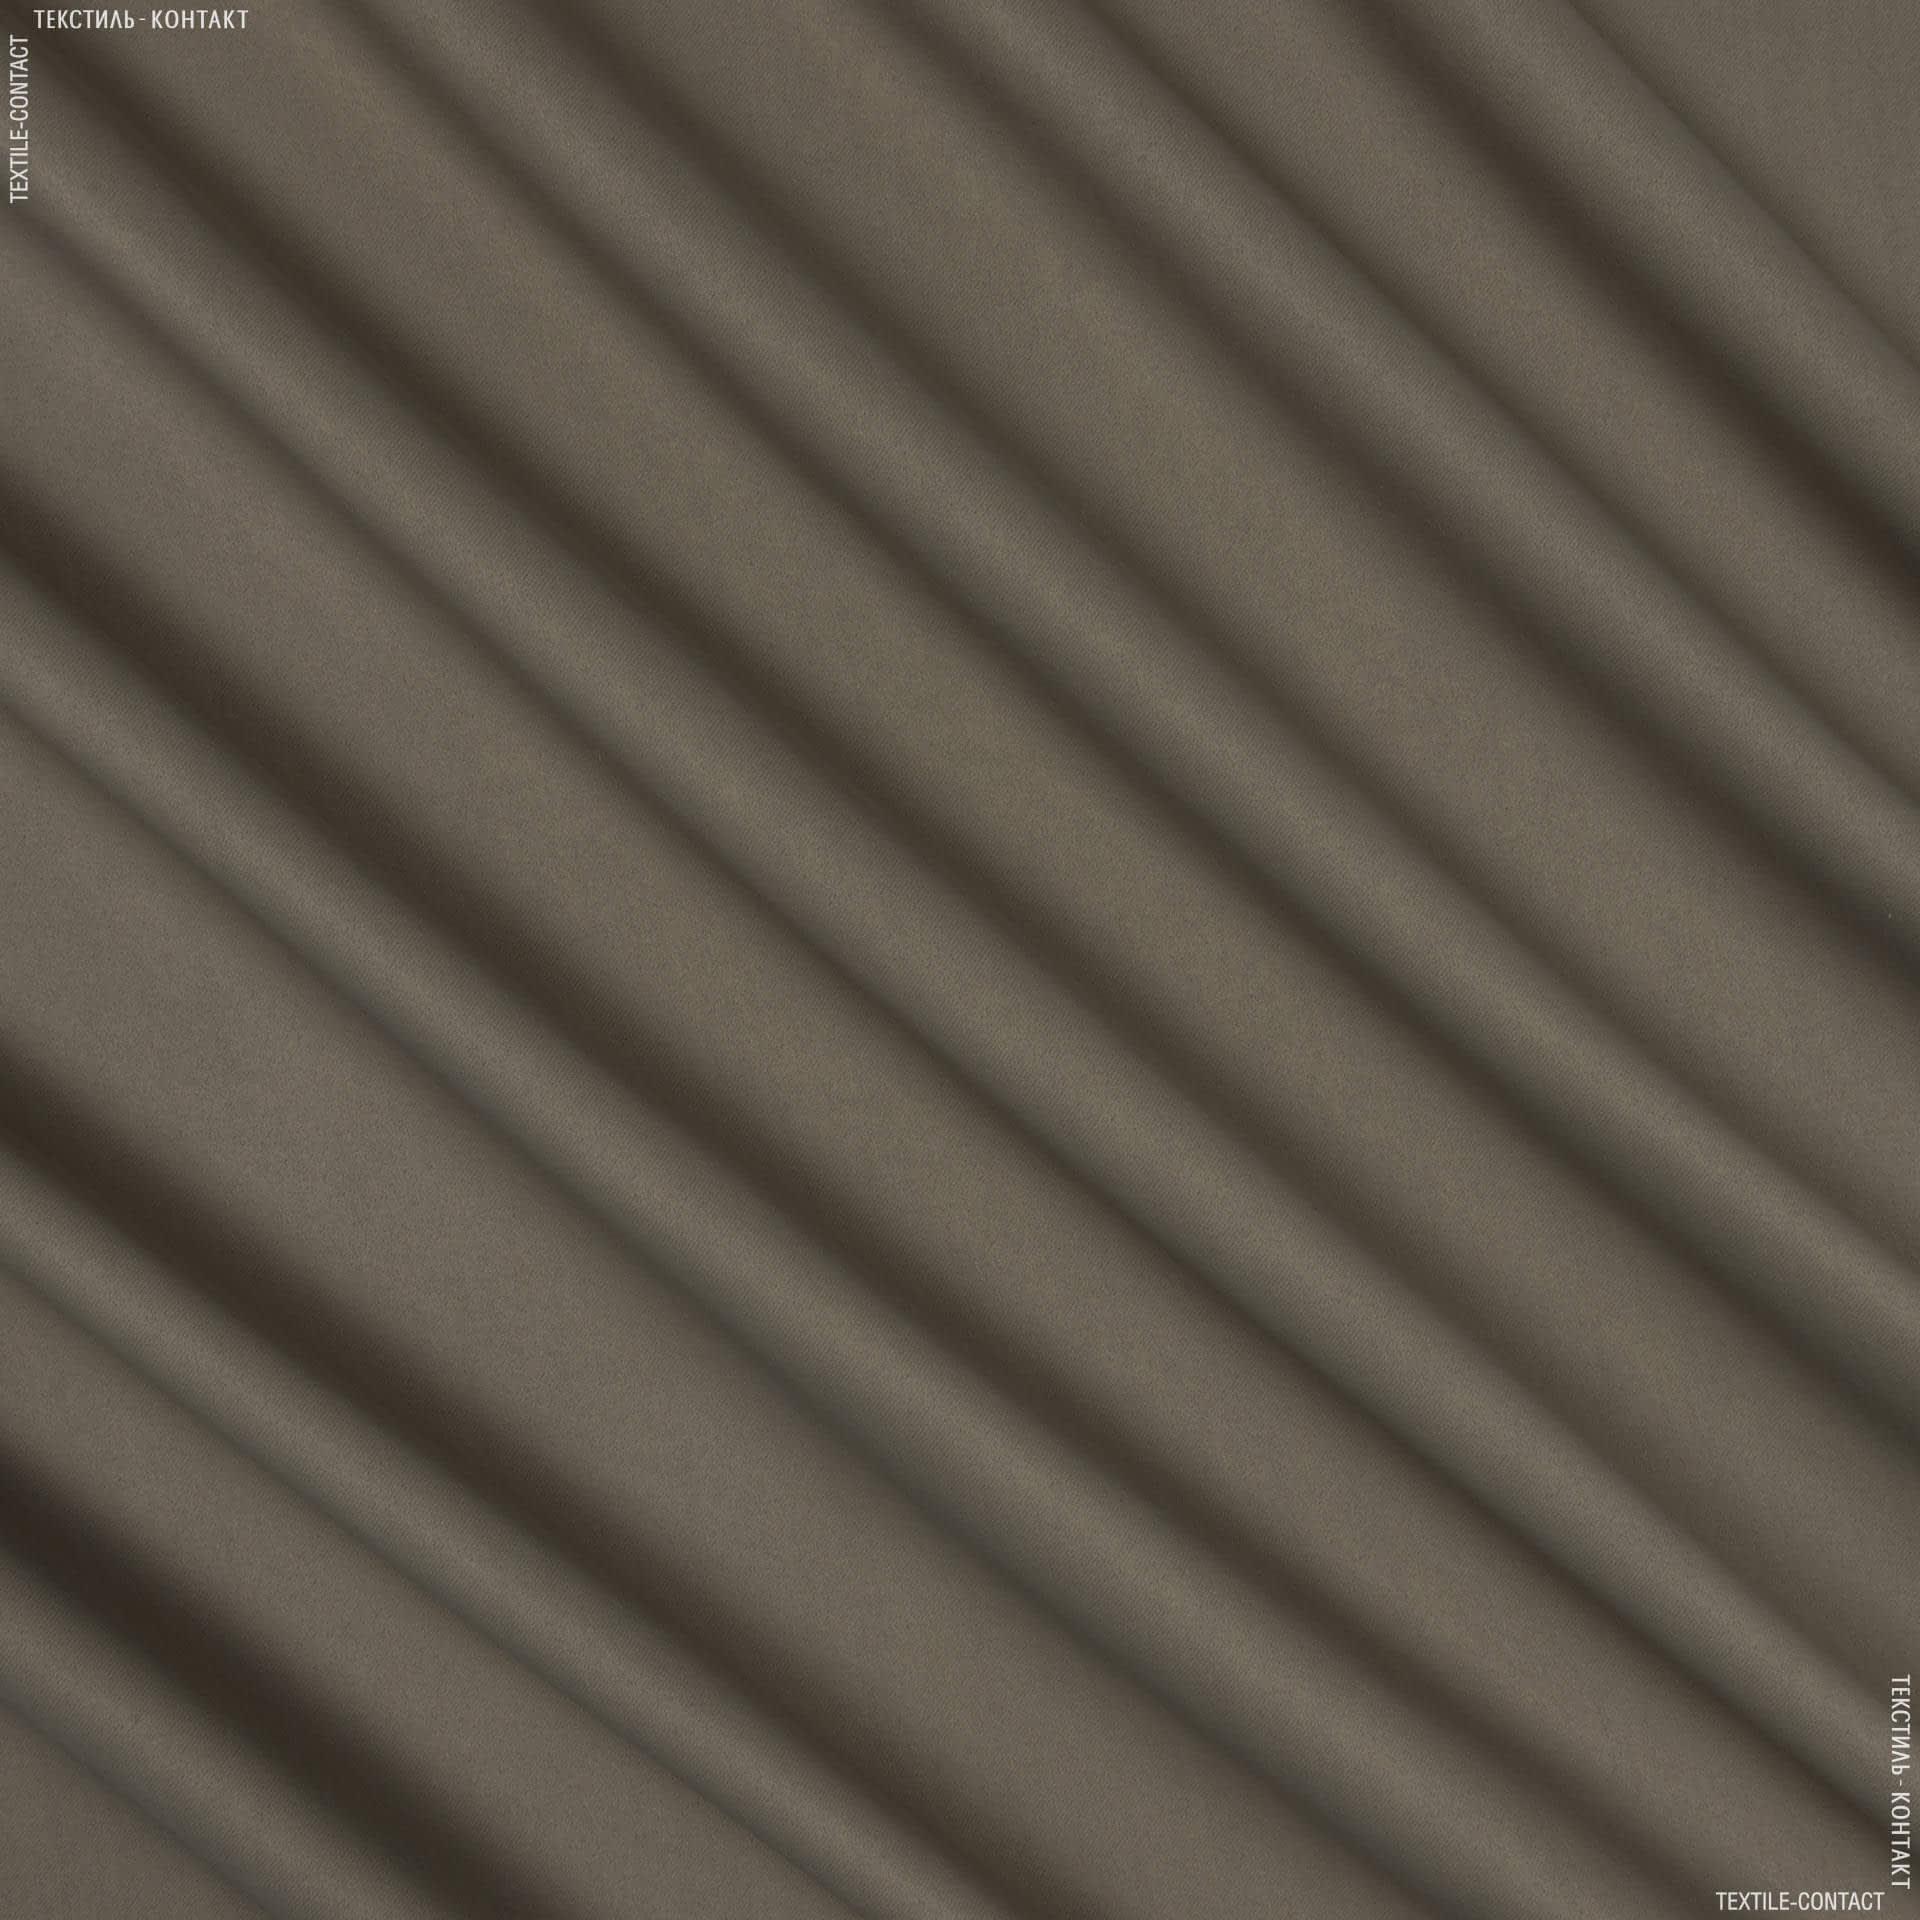 Ткани портьерные ткани - БЛЕКАУТ ОДНОТОННЫЙ/ BLACKOUT ТАБАК-2 полосатость